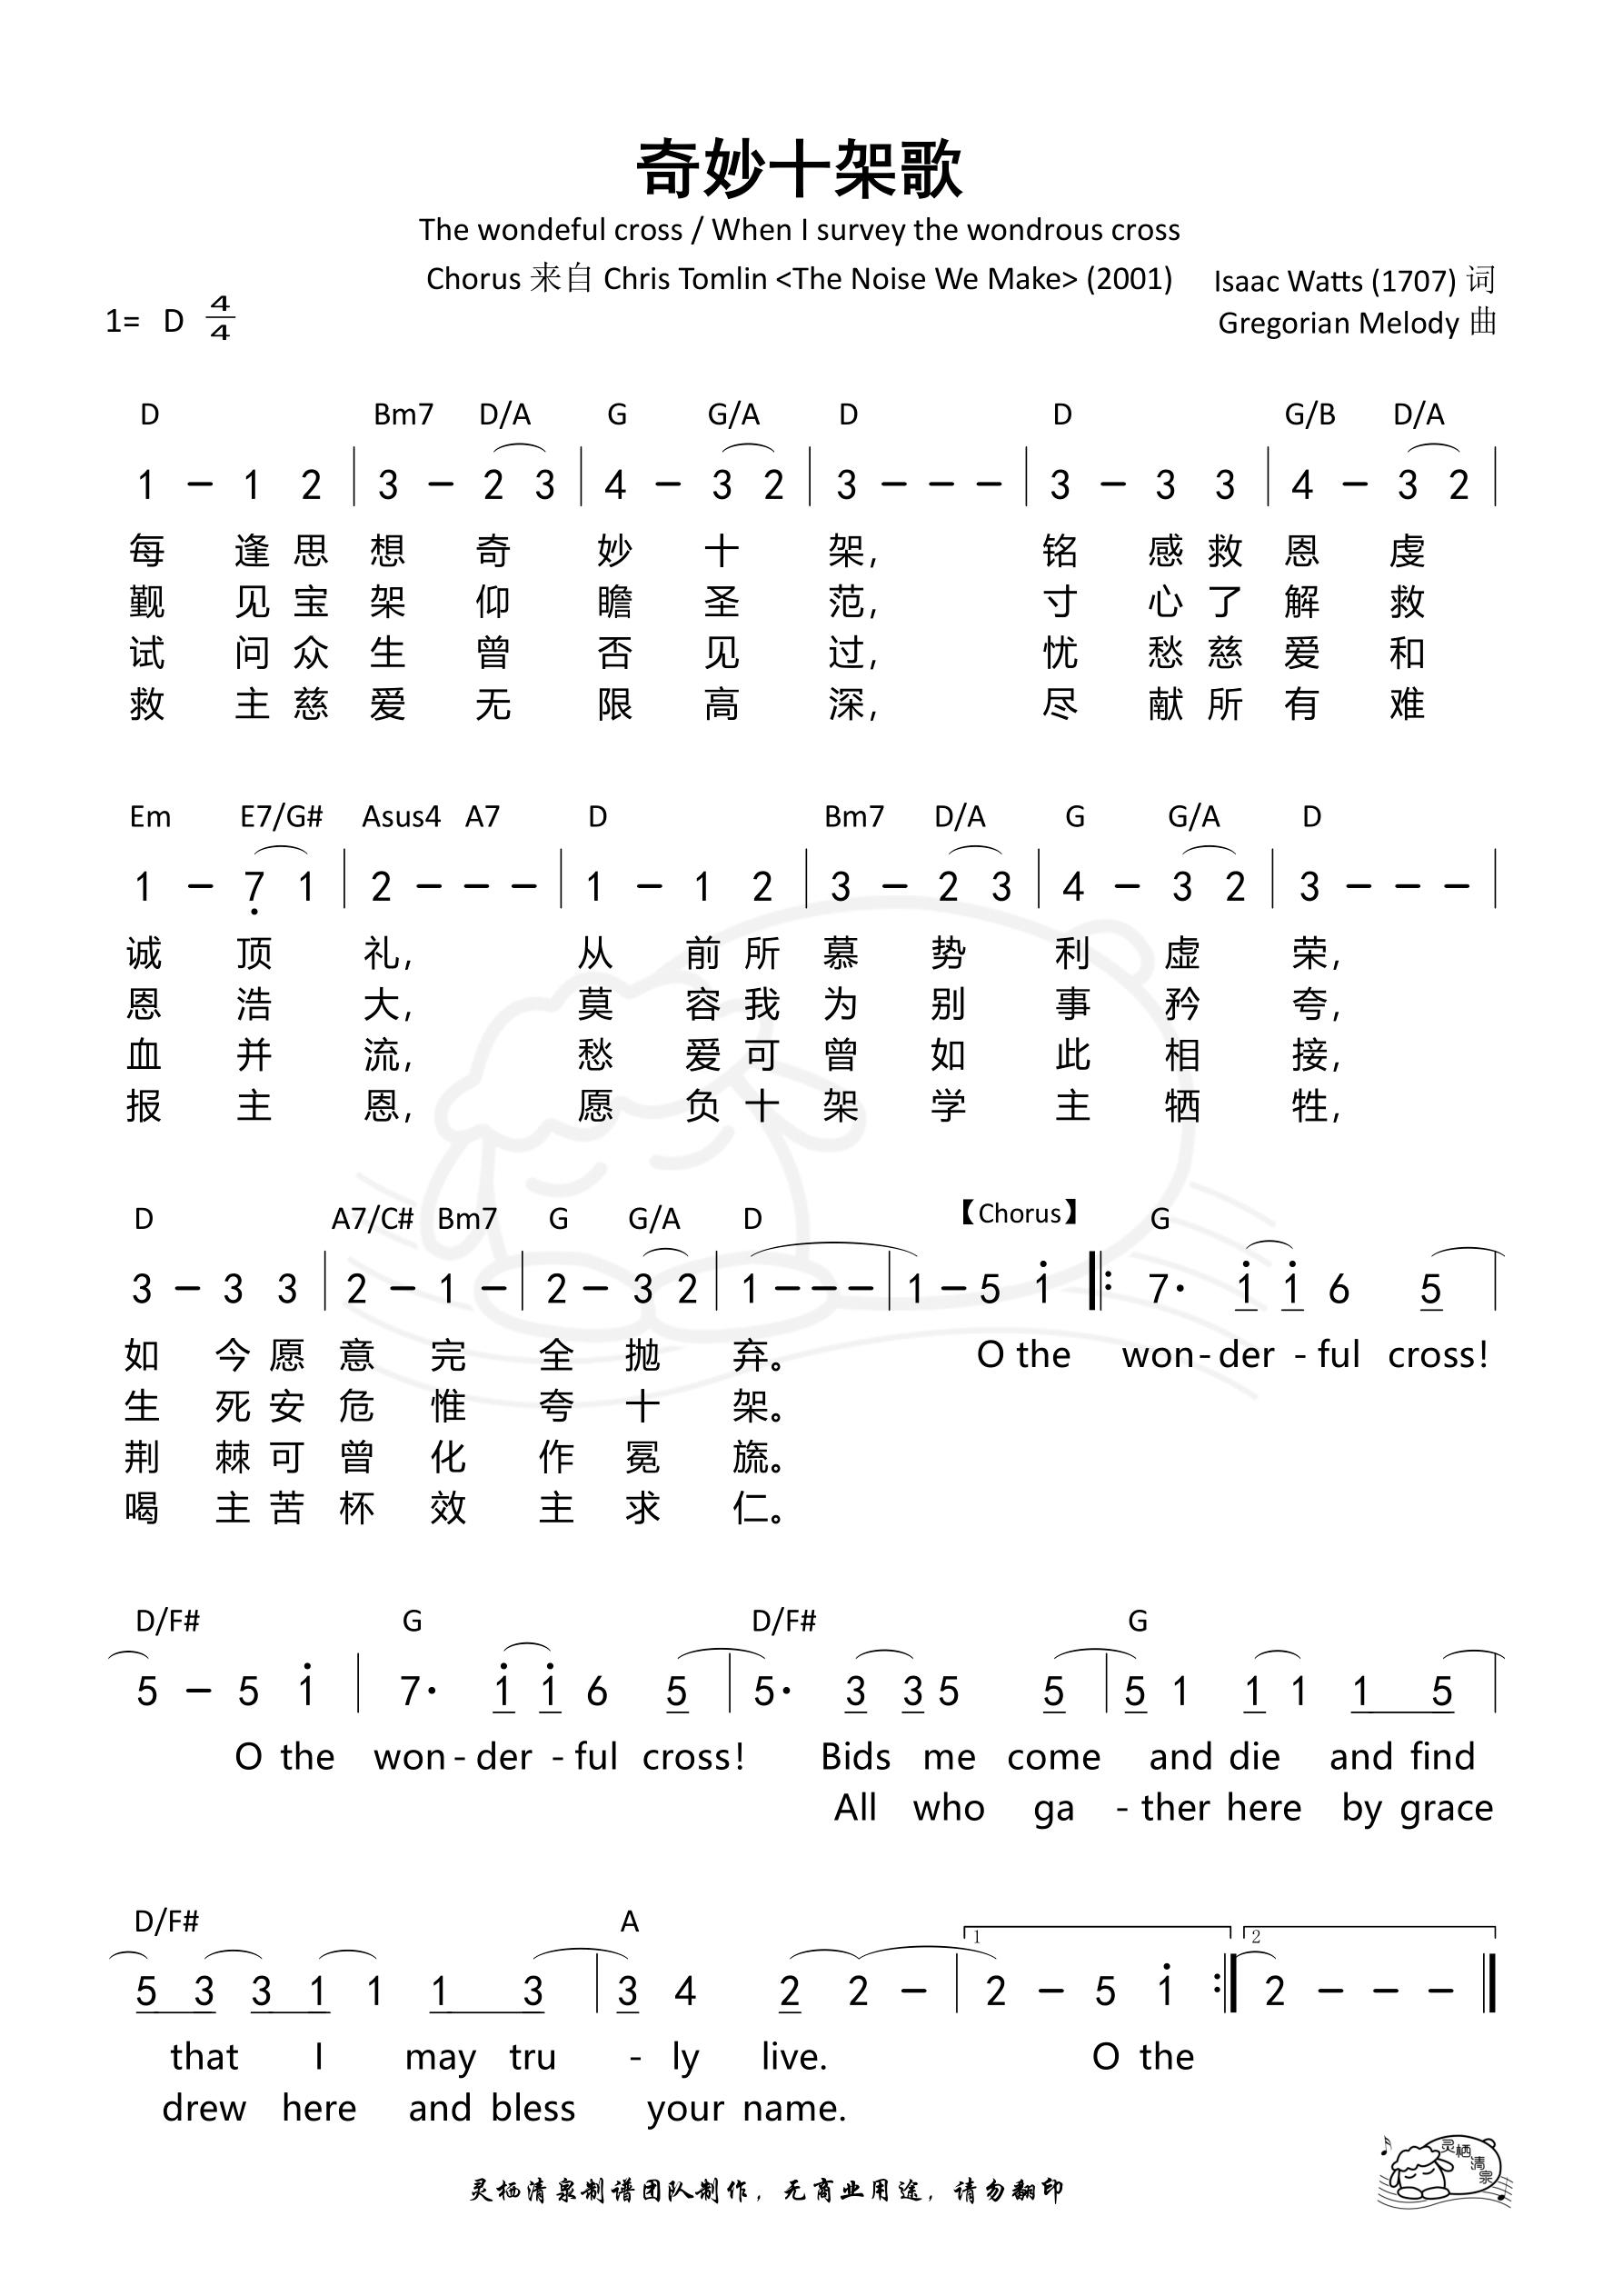 《第73首 - 奇妙十架歌(The Wonderful Cross)和弦简谱》